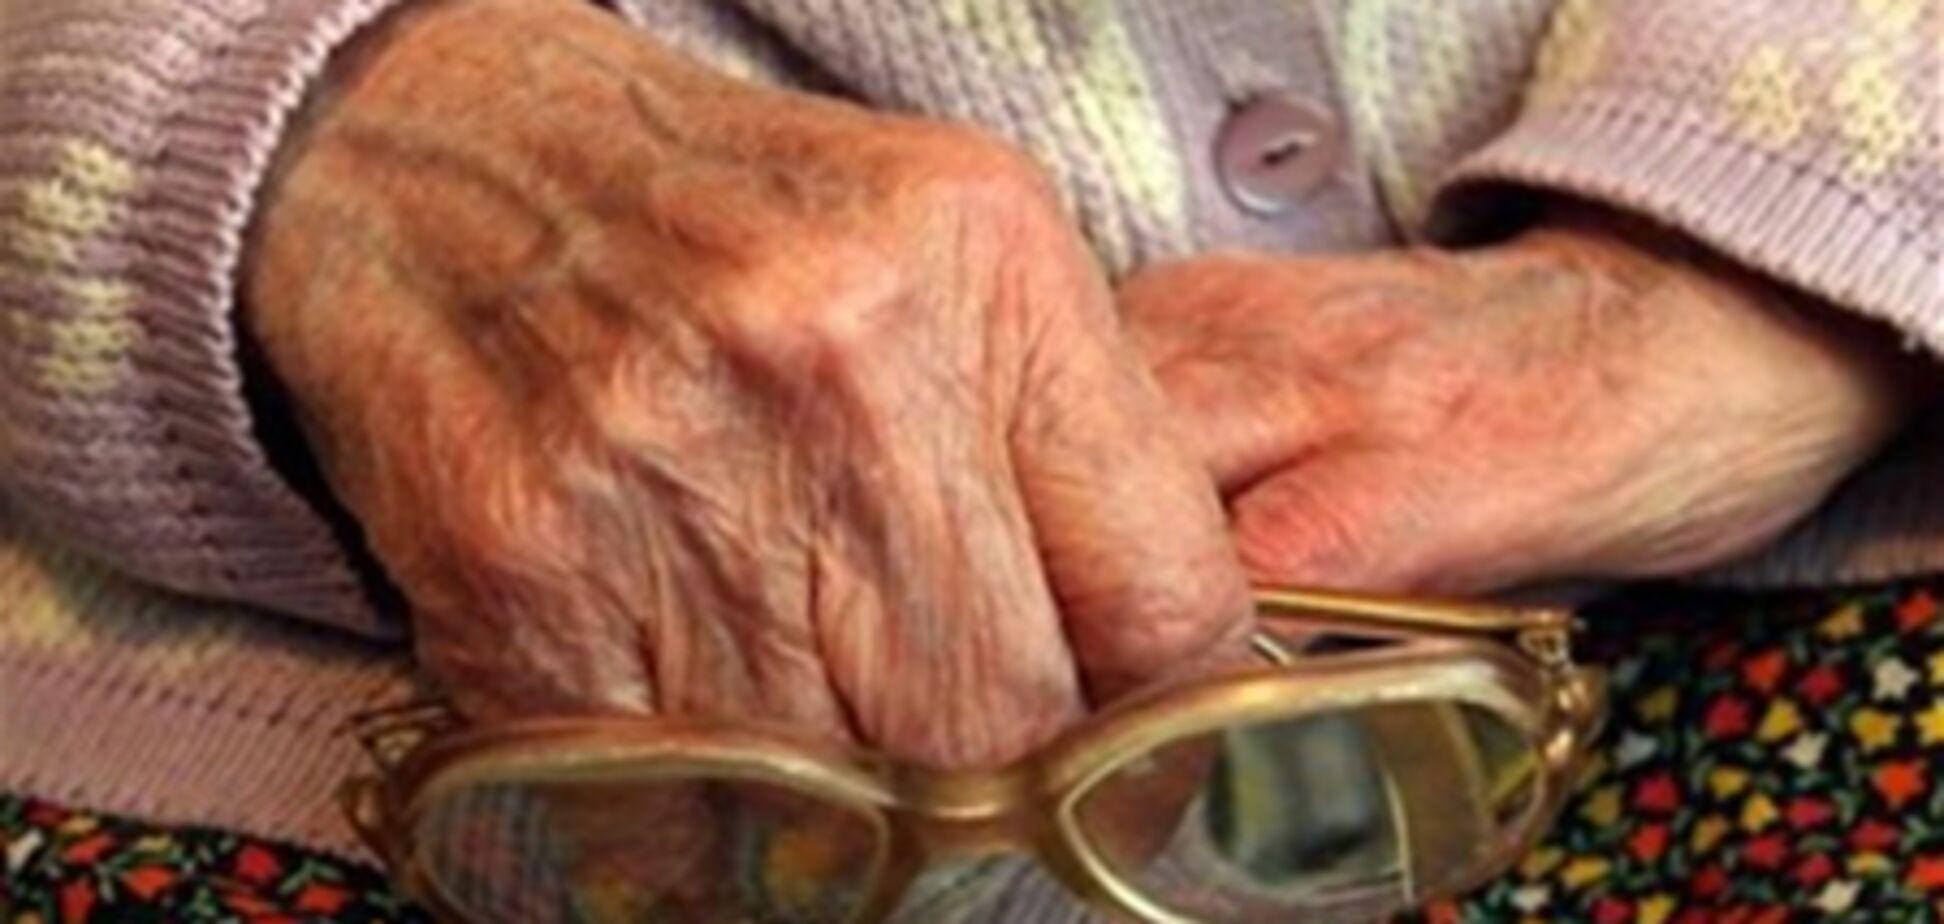 Пенсионер продержал свою жену в заточении 8 лет